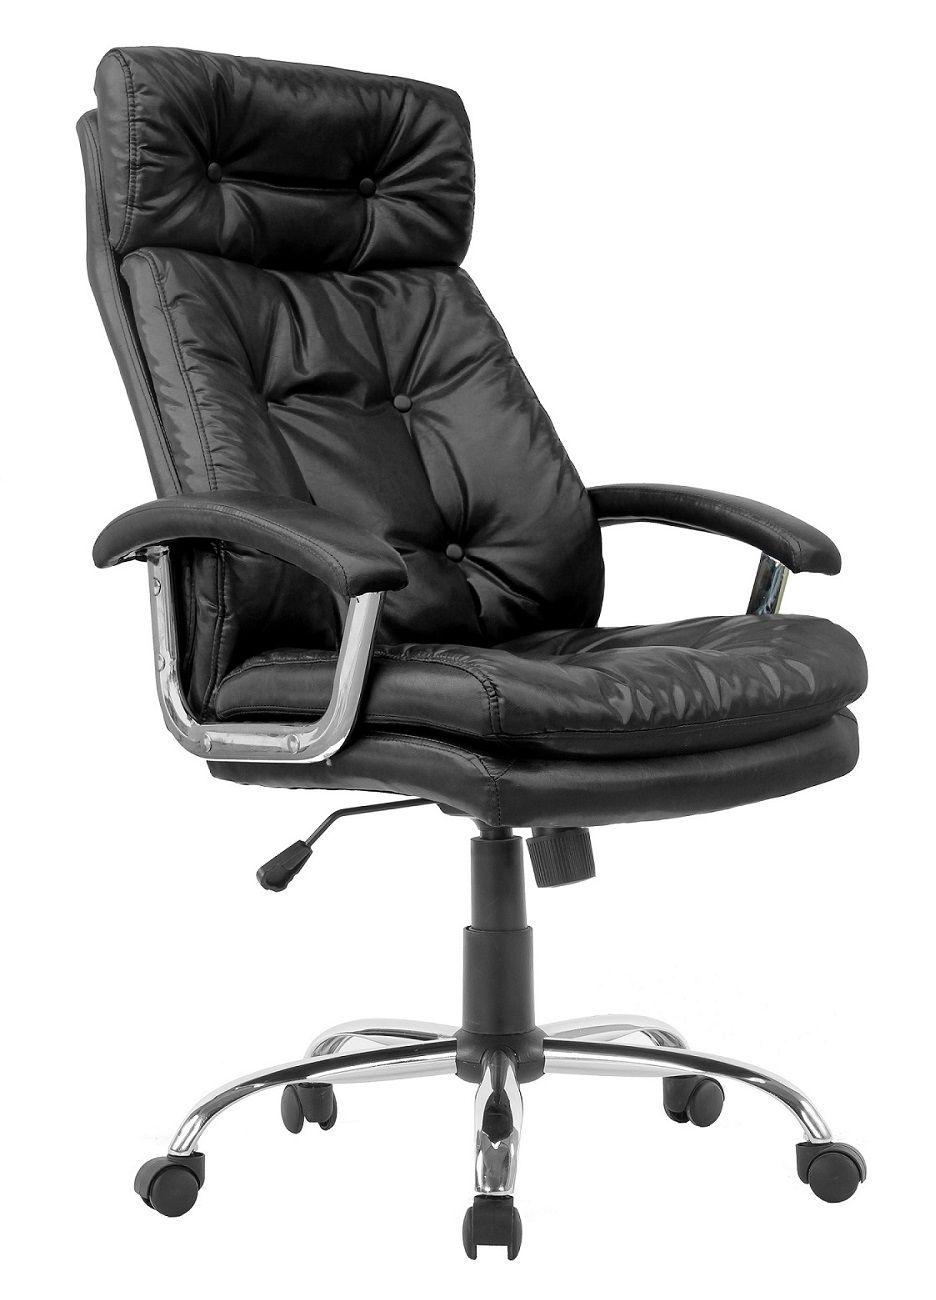 Cadeira Presidente Pelegrin PEL-7613  em Couro PU Preta